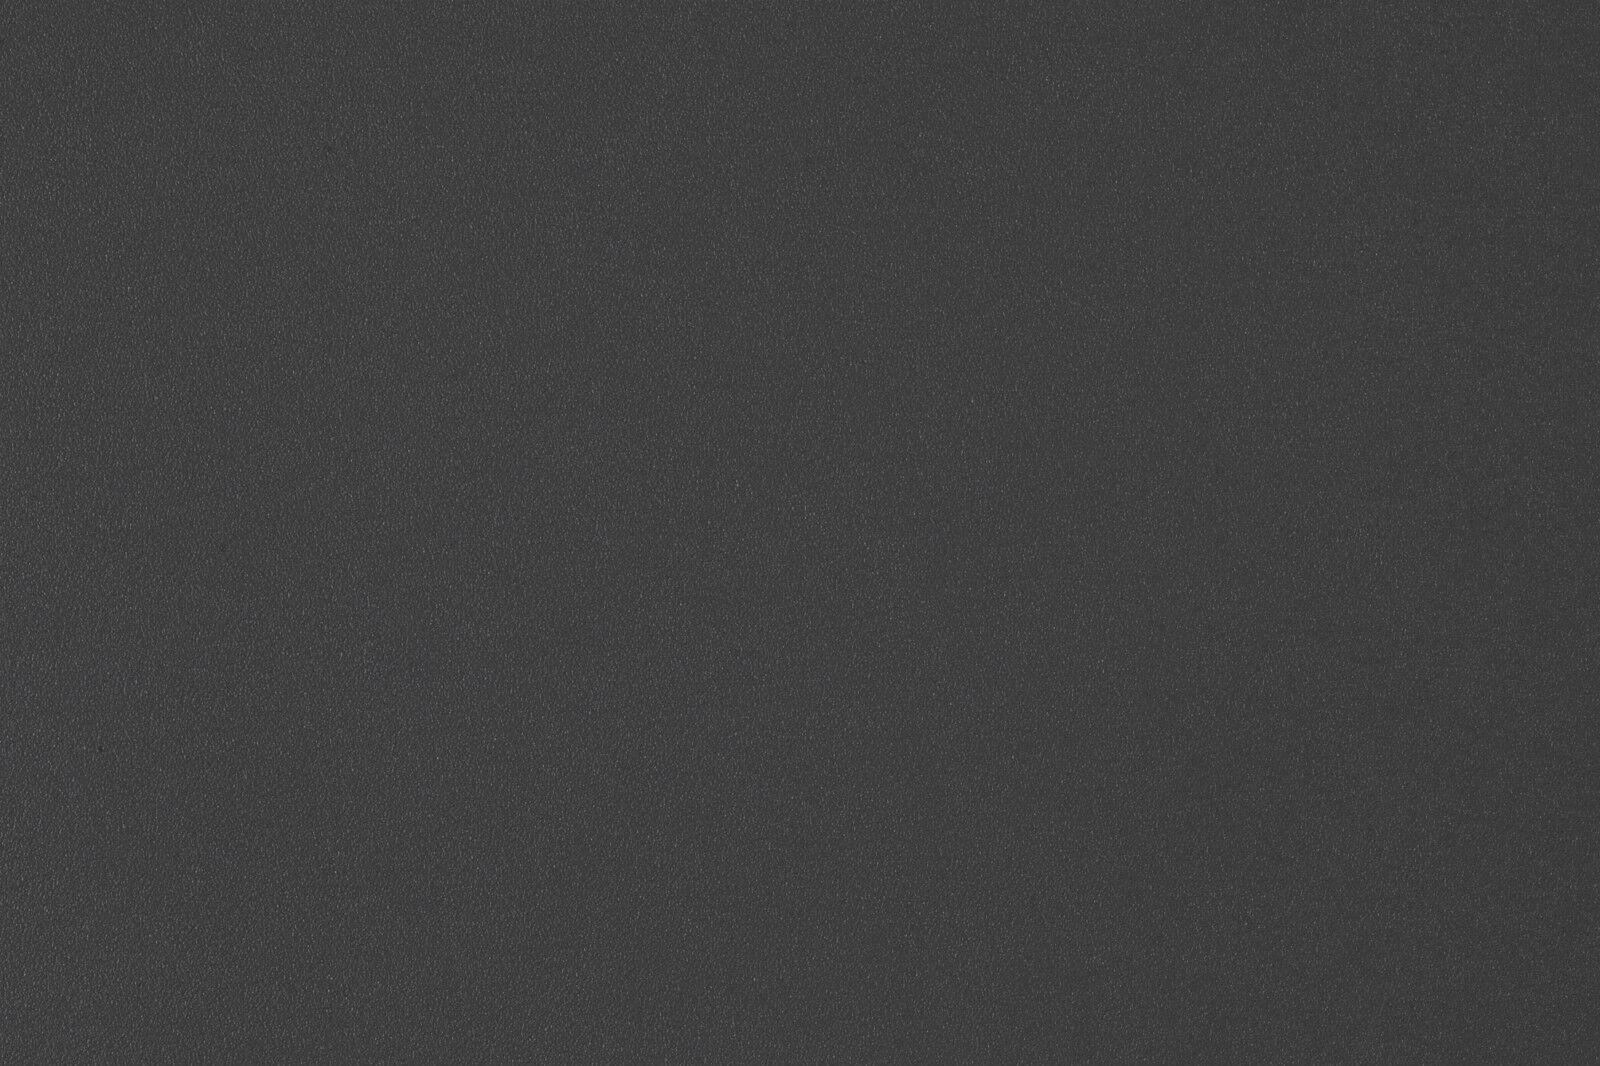 Adhésif film autocollant film Adhésif vinyle, mur de fenêtre, meubles porte couvrant 1e84bf